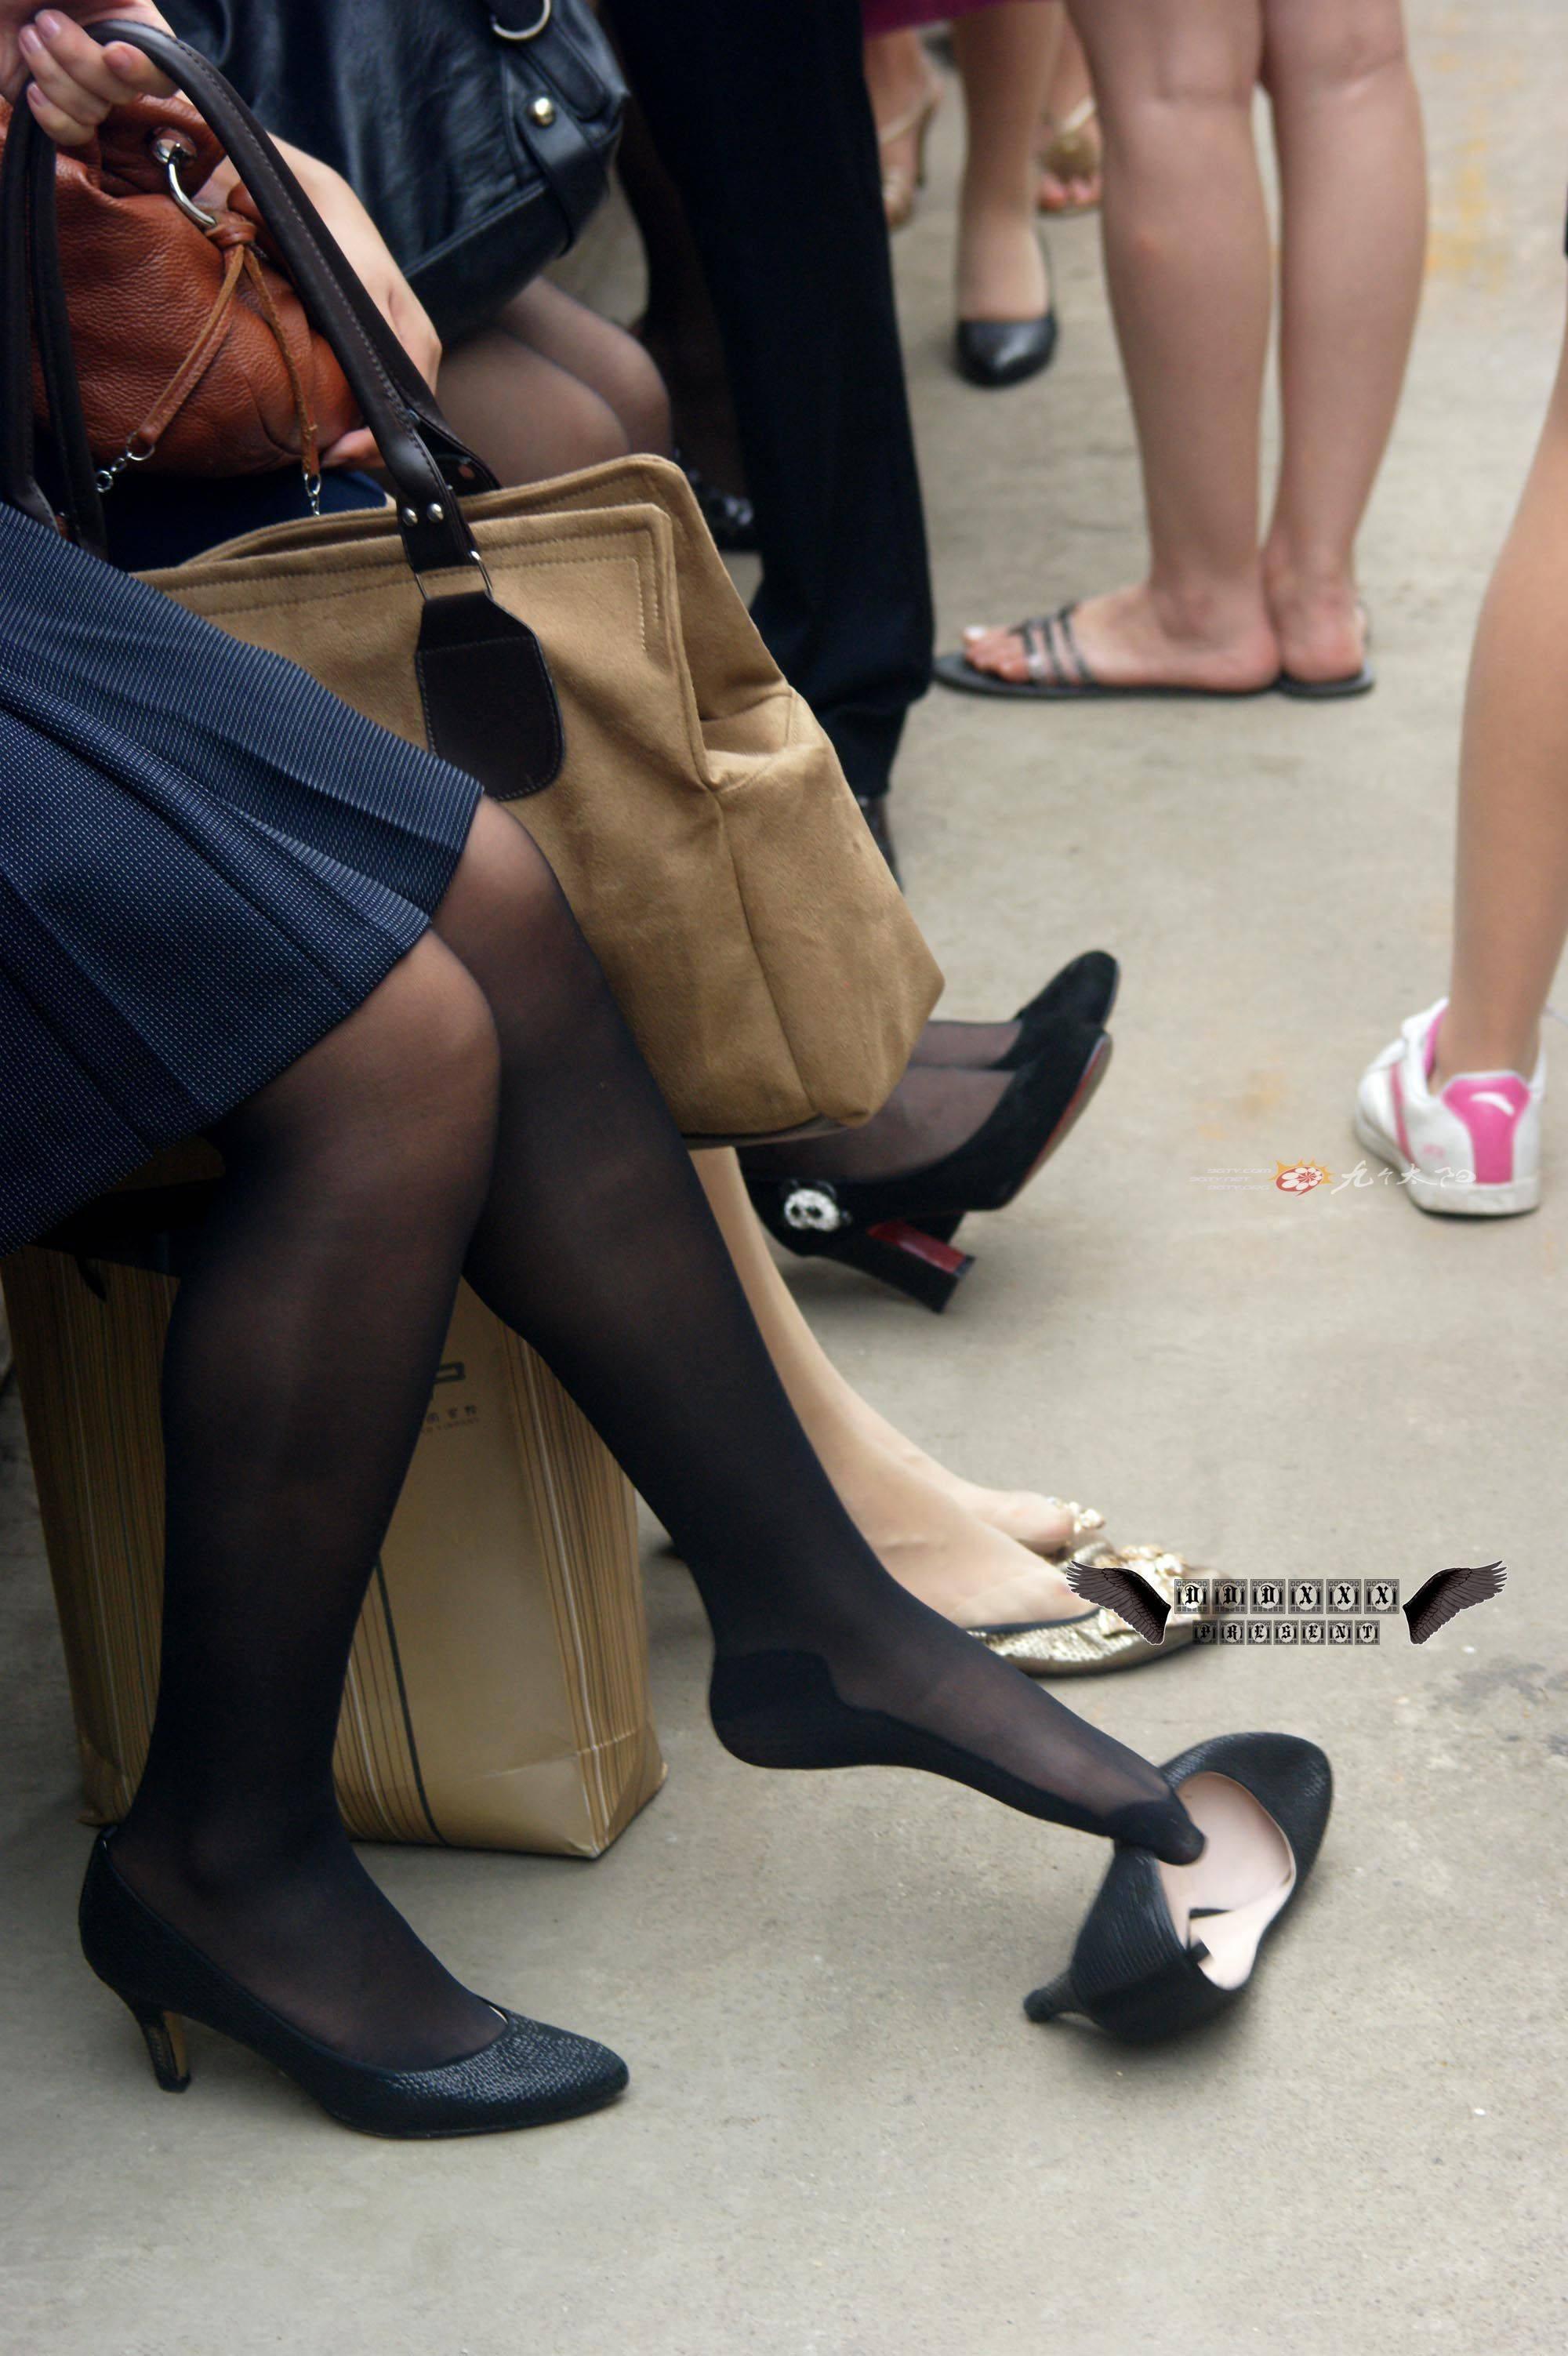 操黑木耳_黑丝高跟鞋就在哪翘你个学校的,女老师吧,操,绝对是个骚货,如果你真的